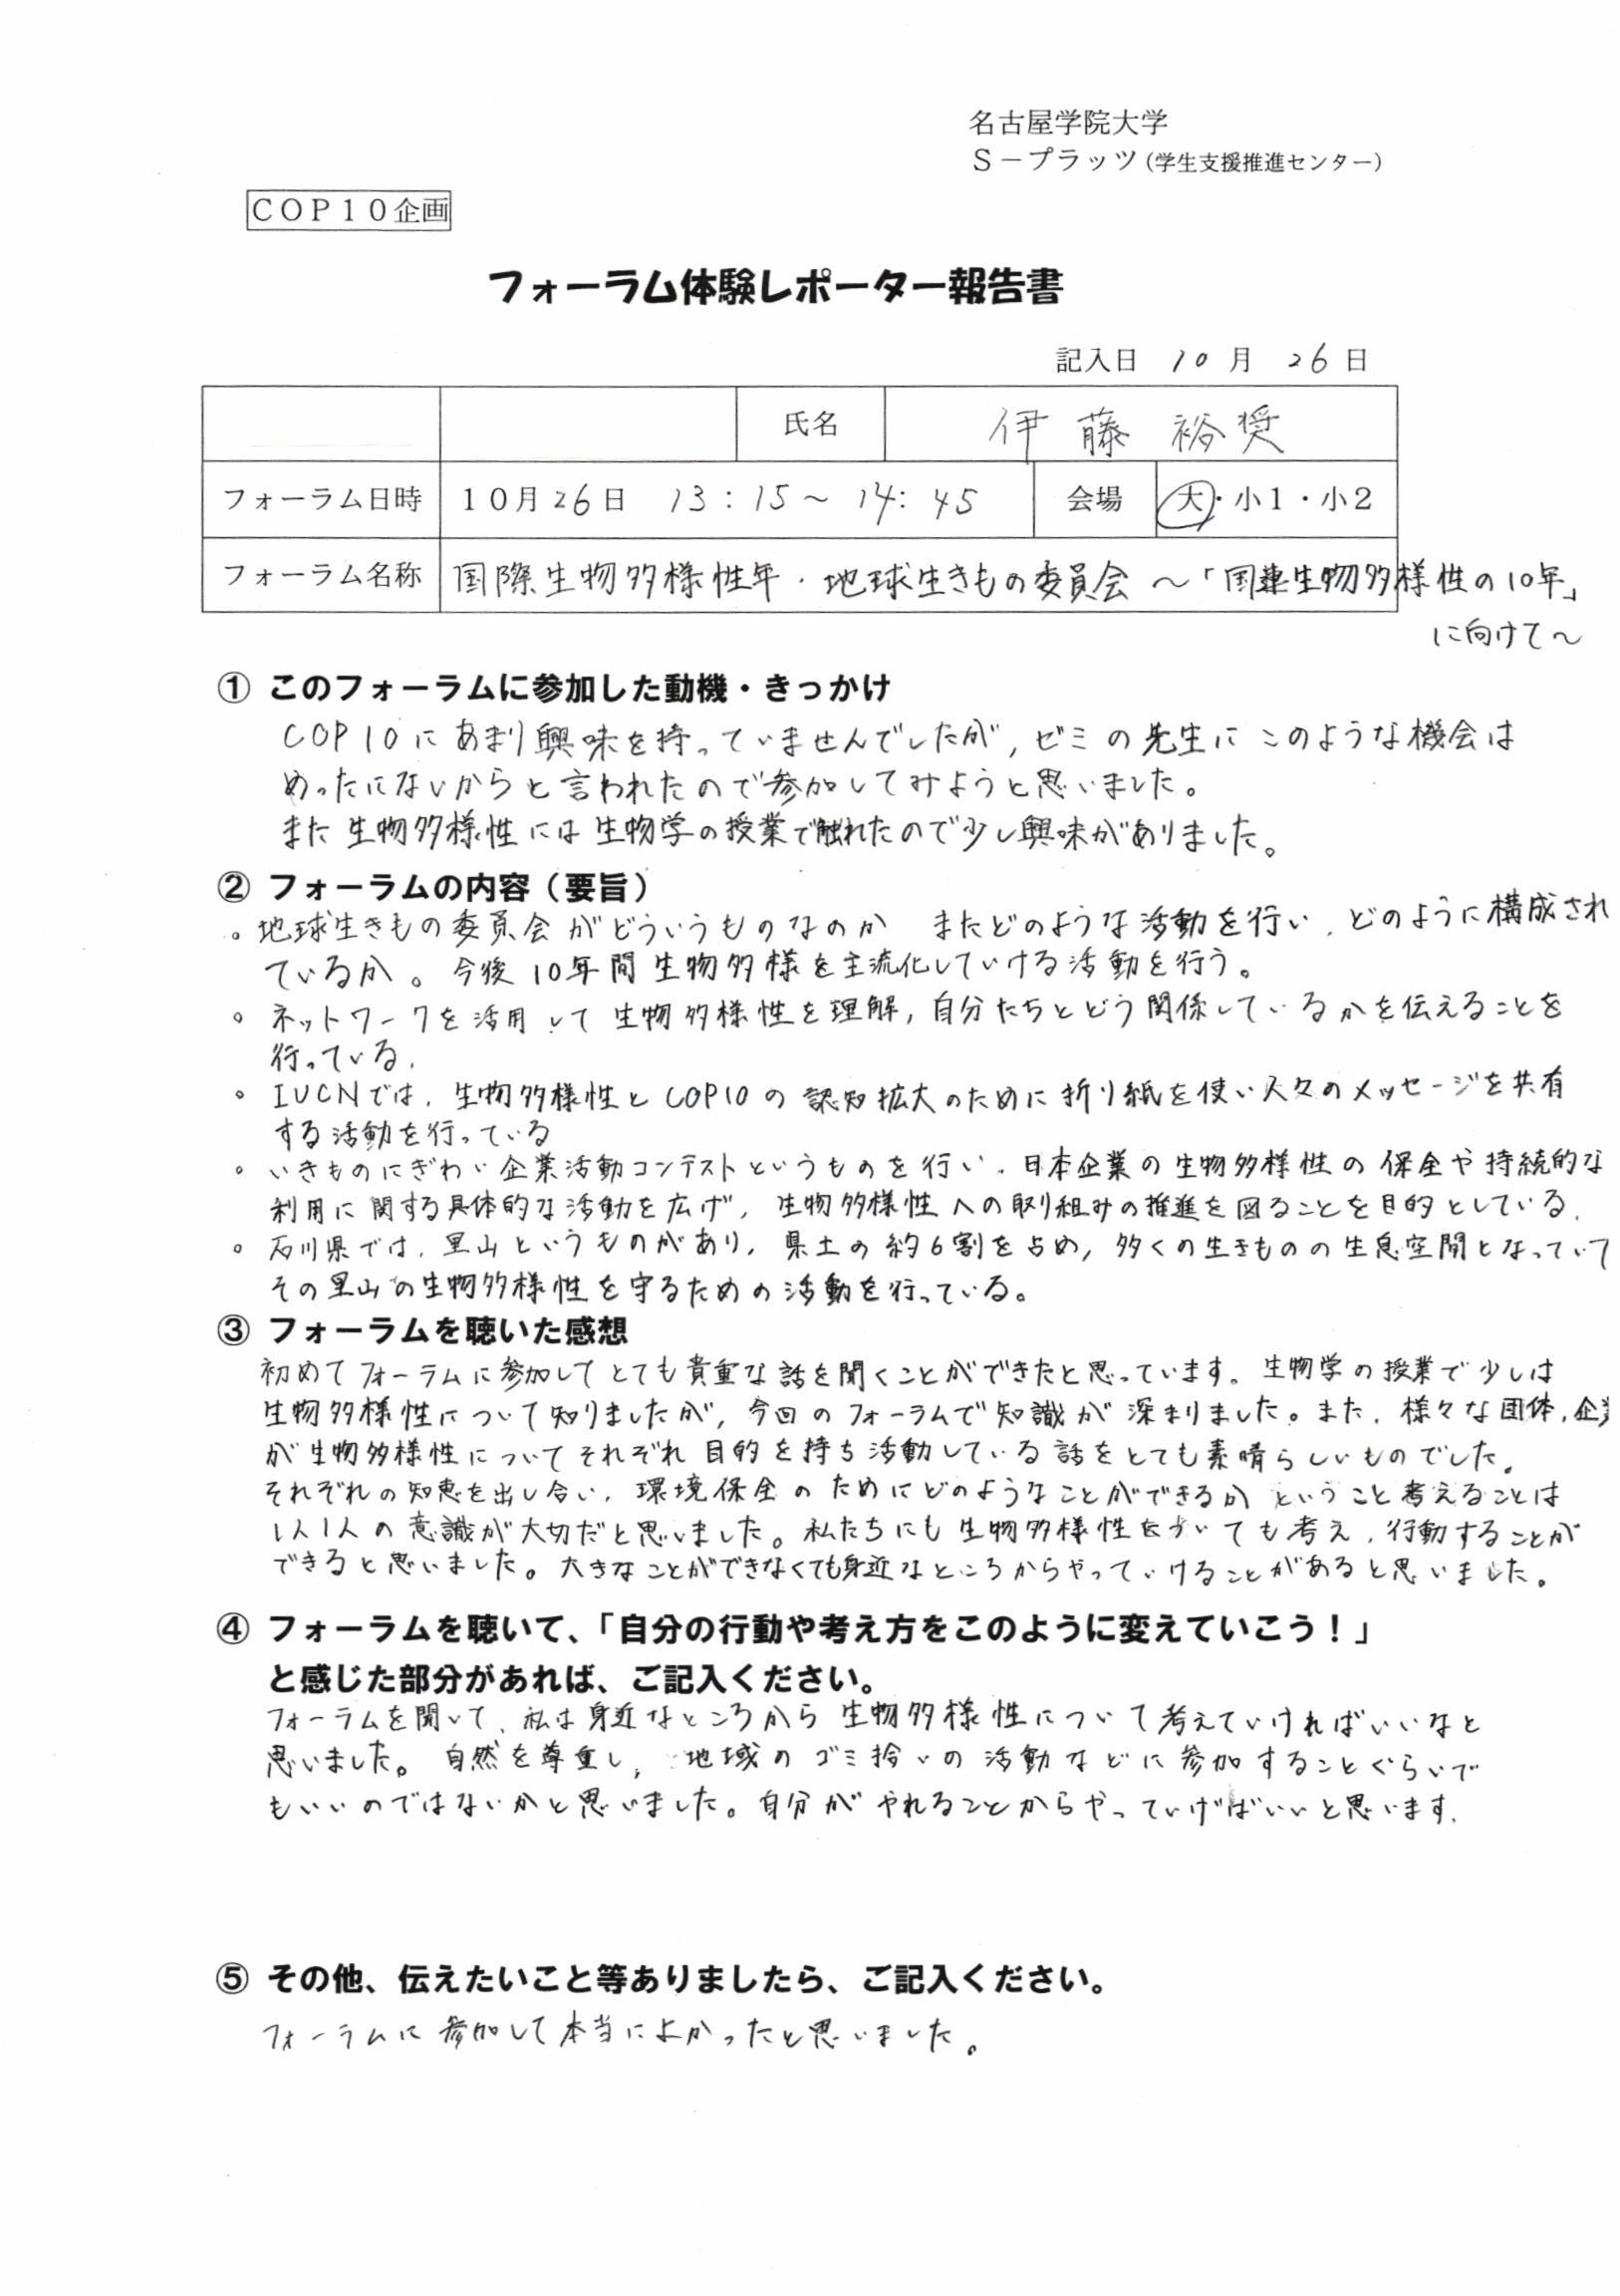 フォーラム体験レポーター報告伊藤